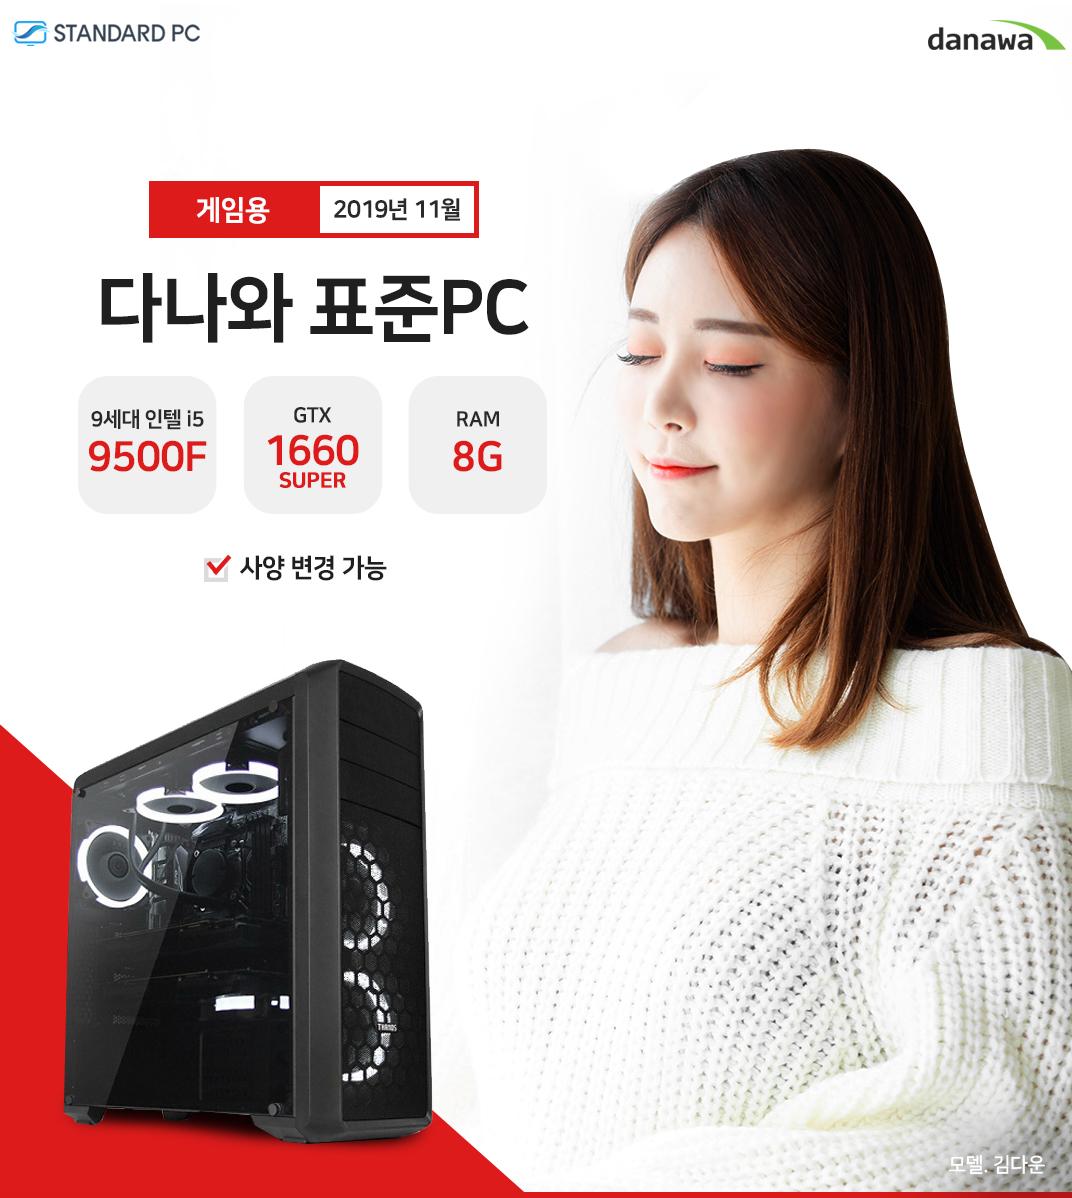 2019년 11월 다나와 표준PC 게이밍용 인텔 코어i5-9세대 9400F GTX1660TI RAM 8G 모델 문가경